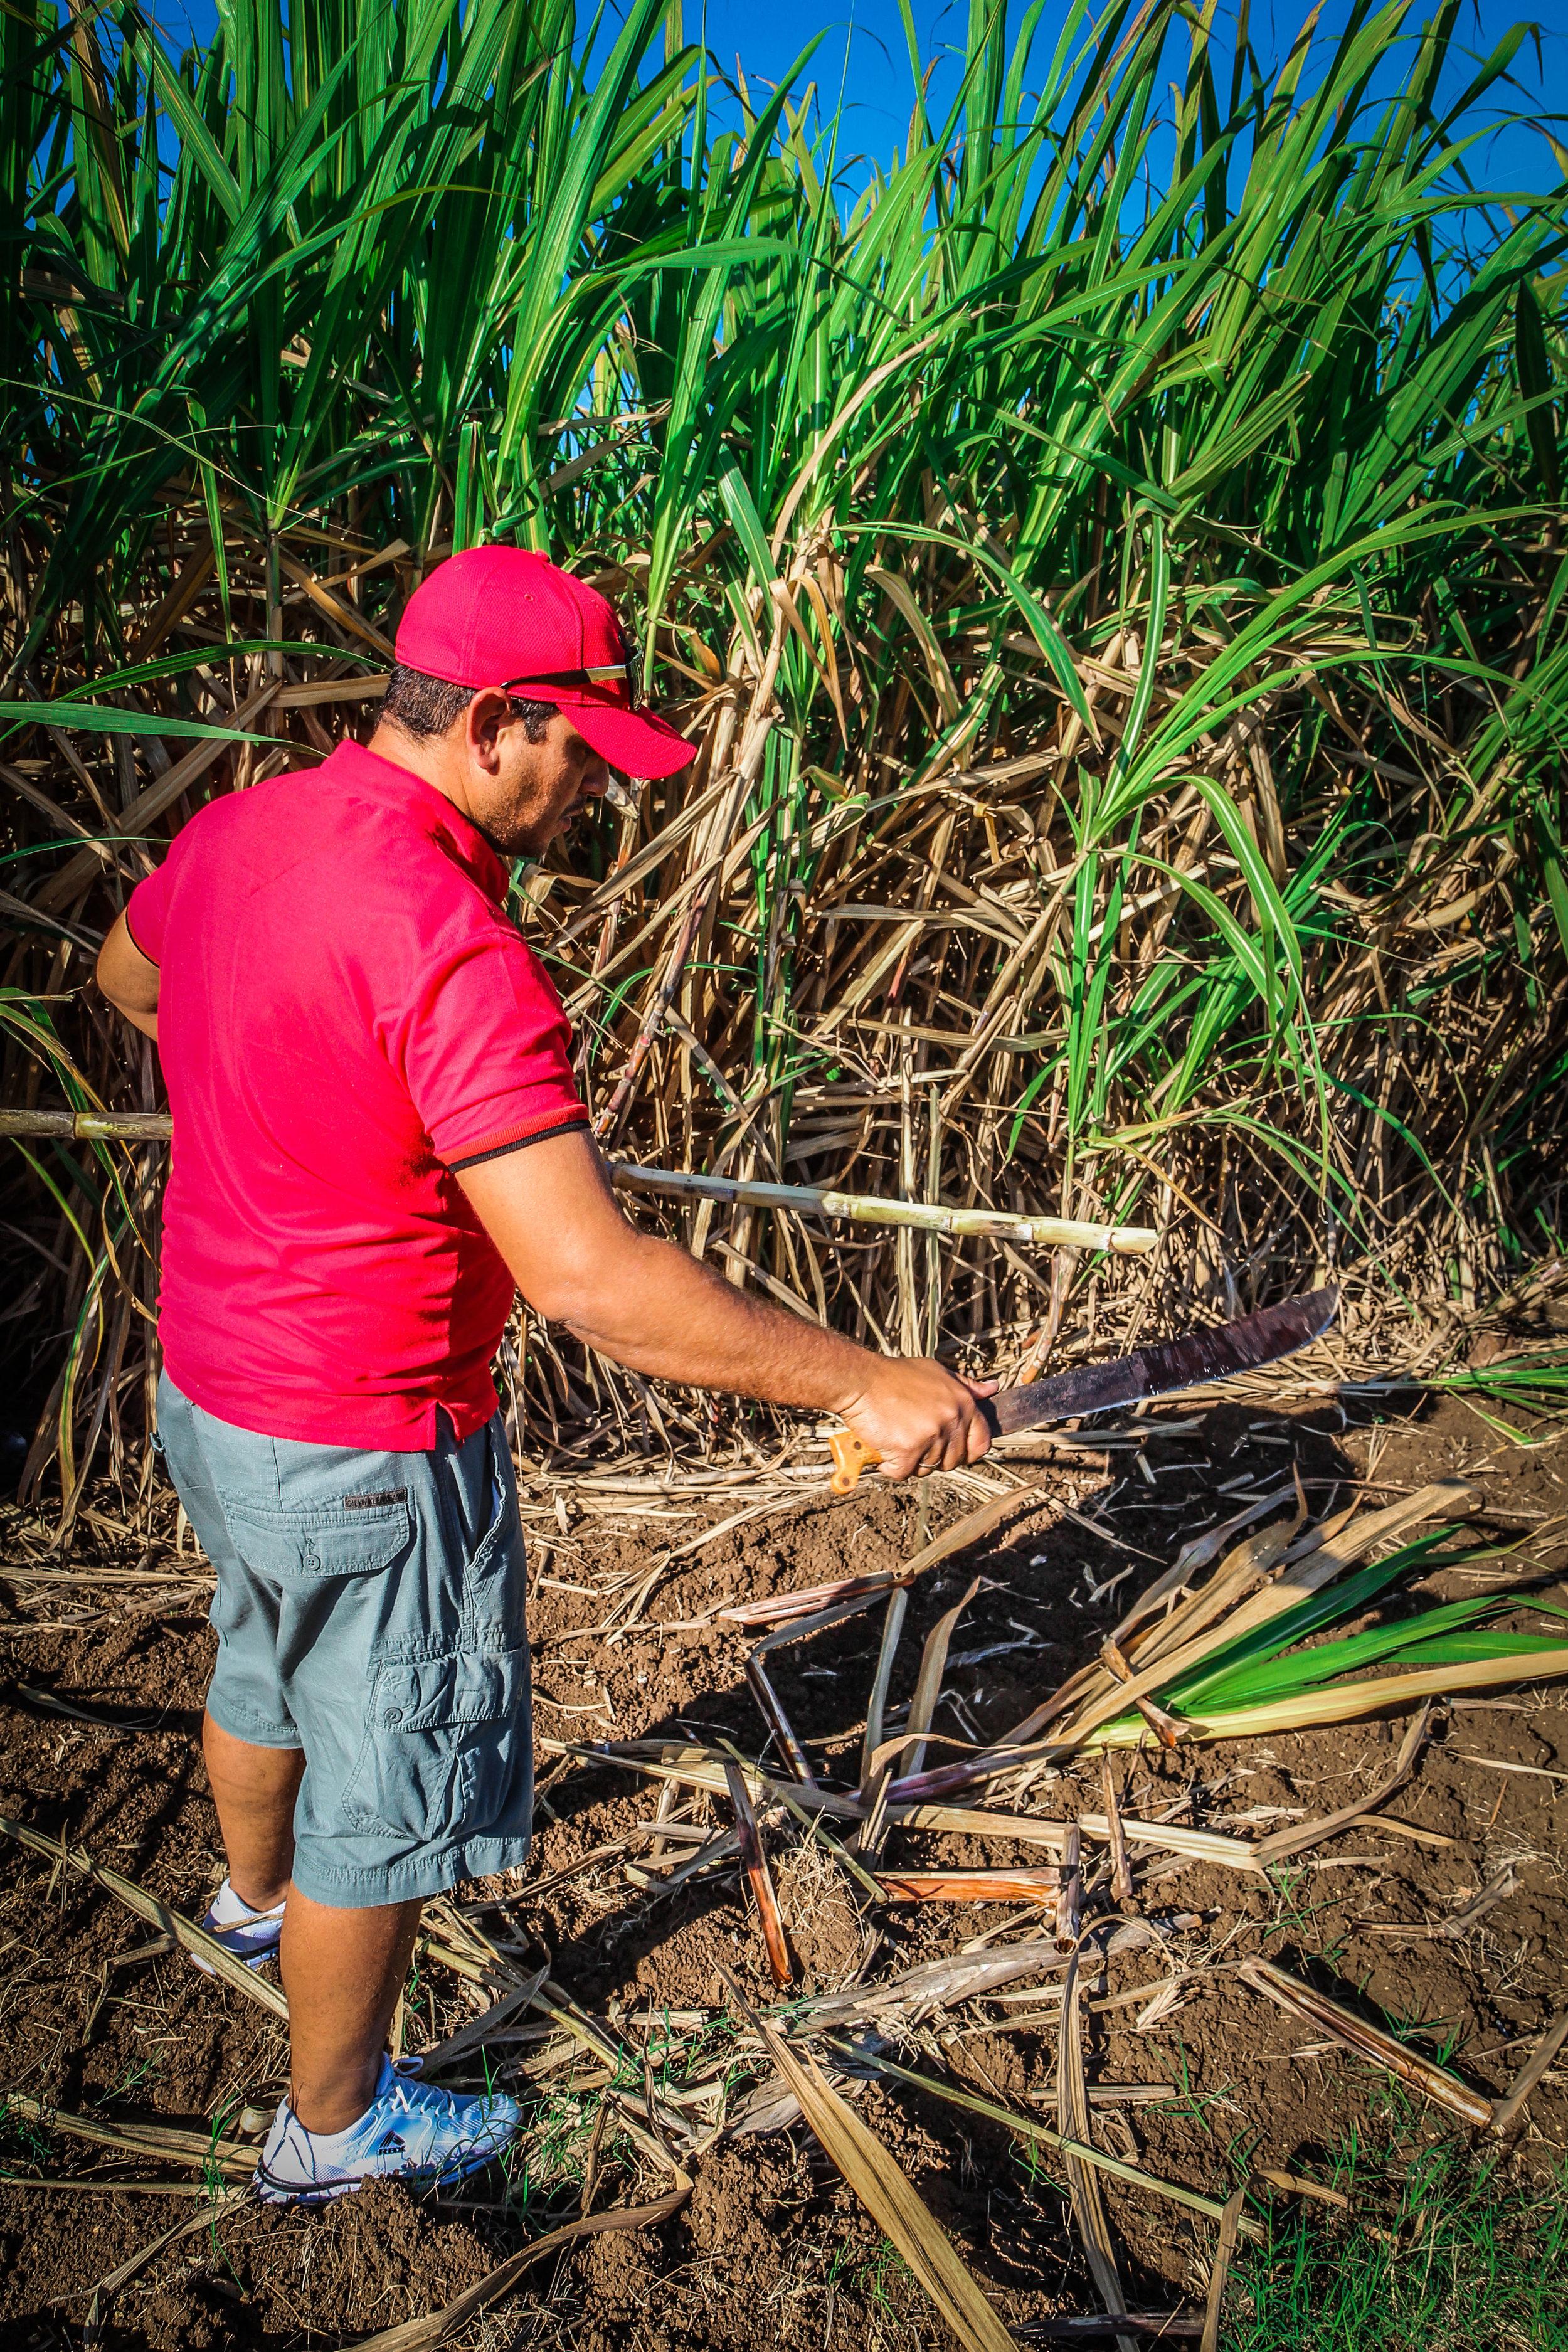 Vers suikerriet eten langs de weg -Onderweg naar Trinidad cuba